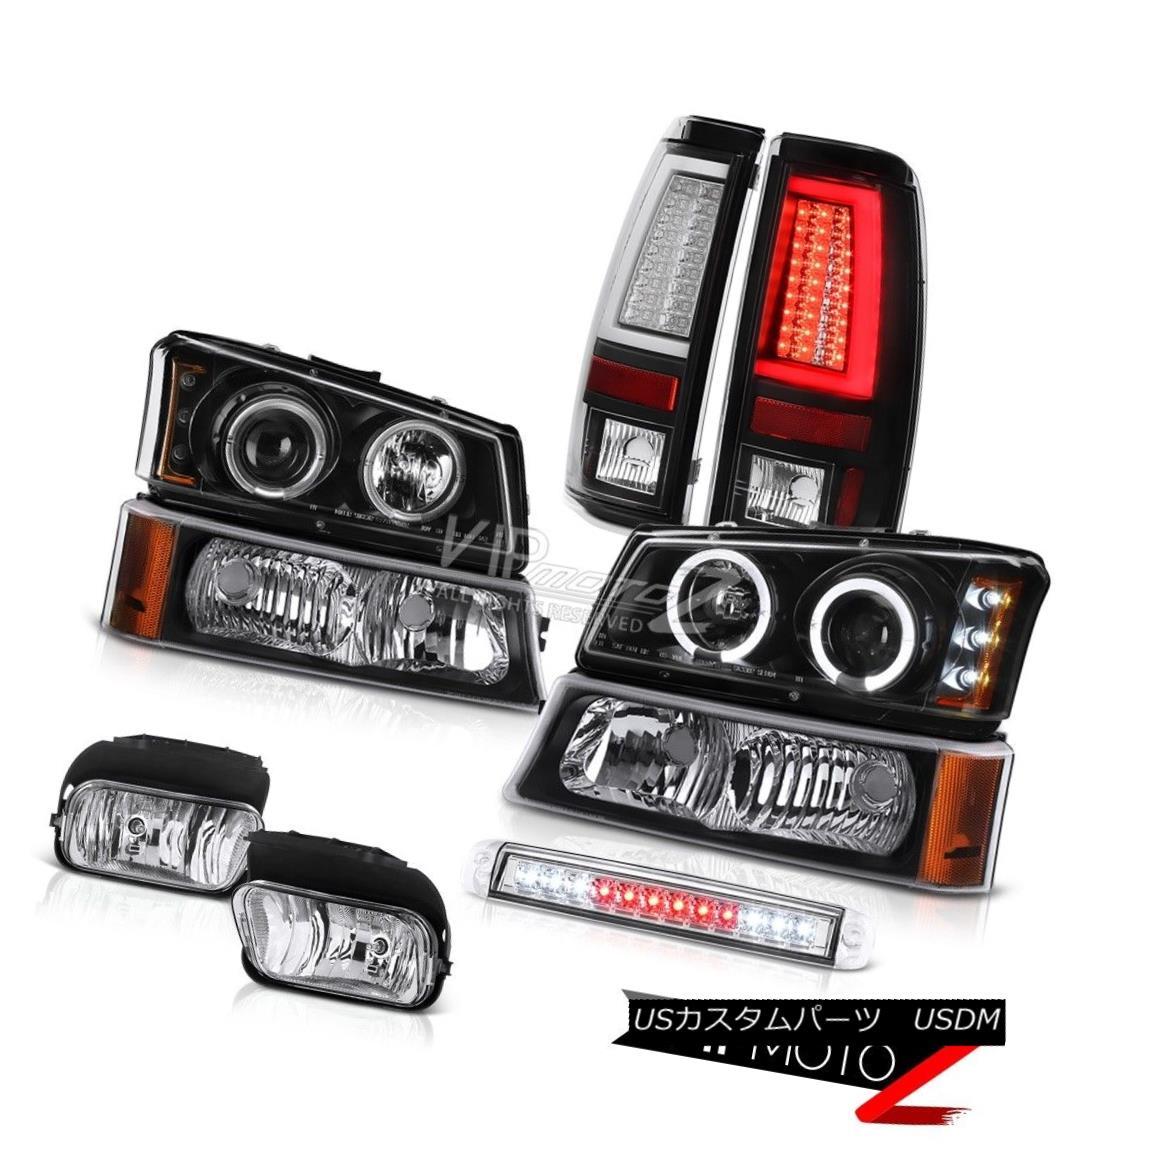 ヘッドライト 03 04 05 06 Silverado 1500 Tail Lamps Roof Cab Lamp Fog Signal Headlights LED 03 04 05 06 Silverado 1500テールランプルーフキャブランプフォグシグナルヘッドライトLED